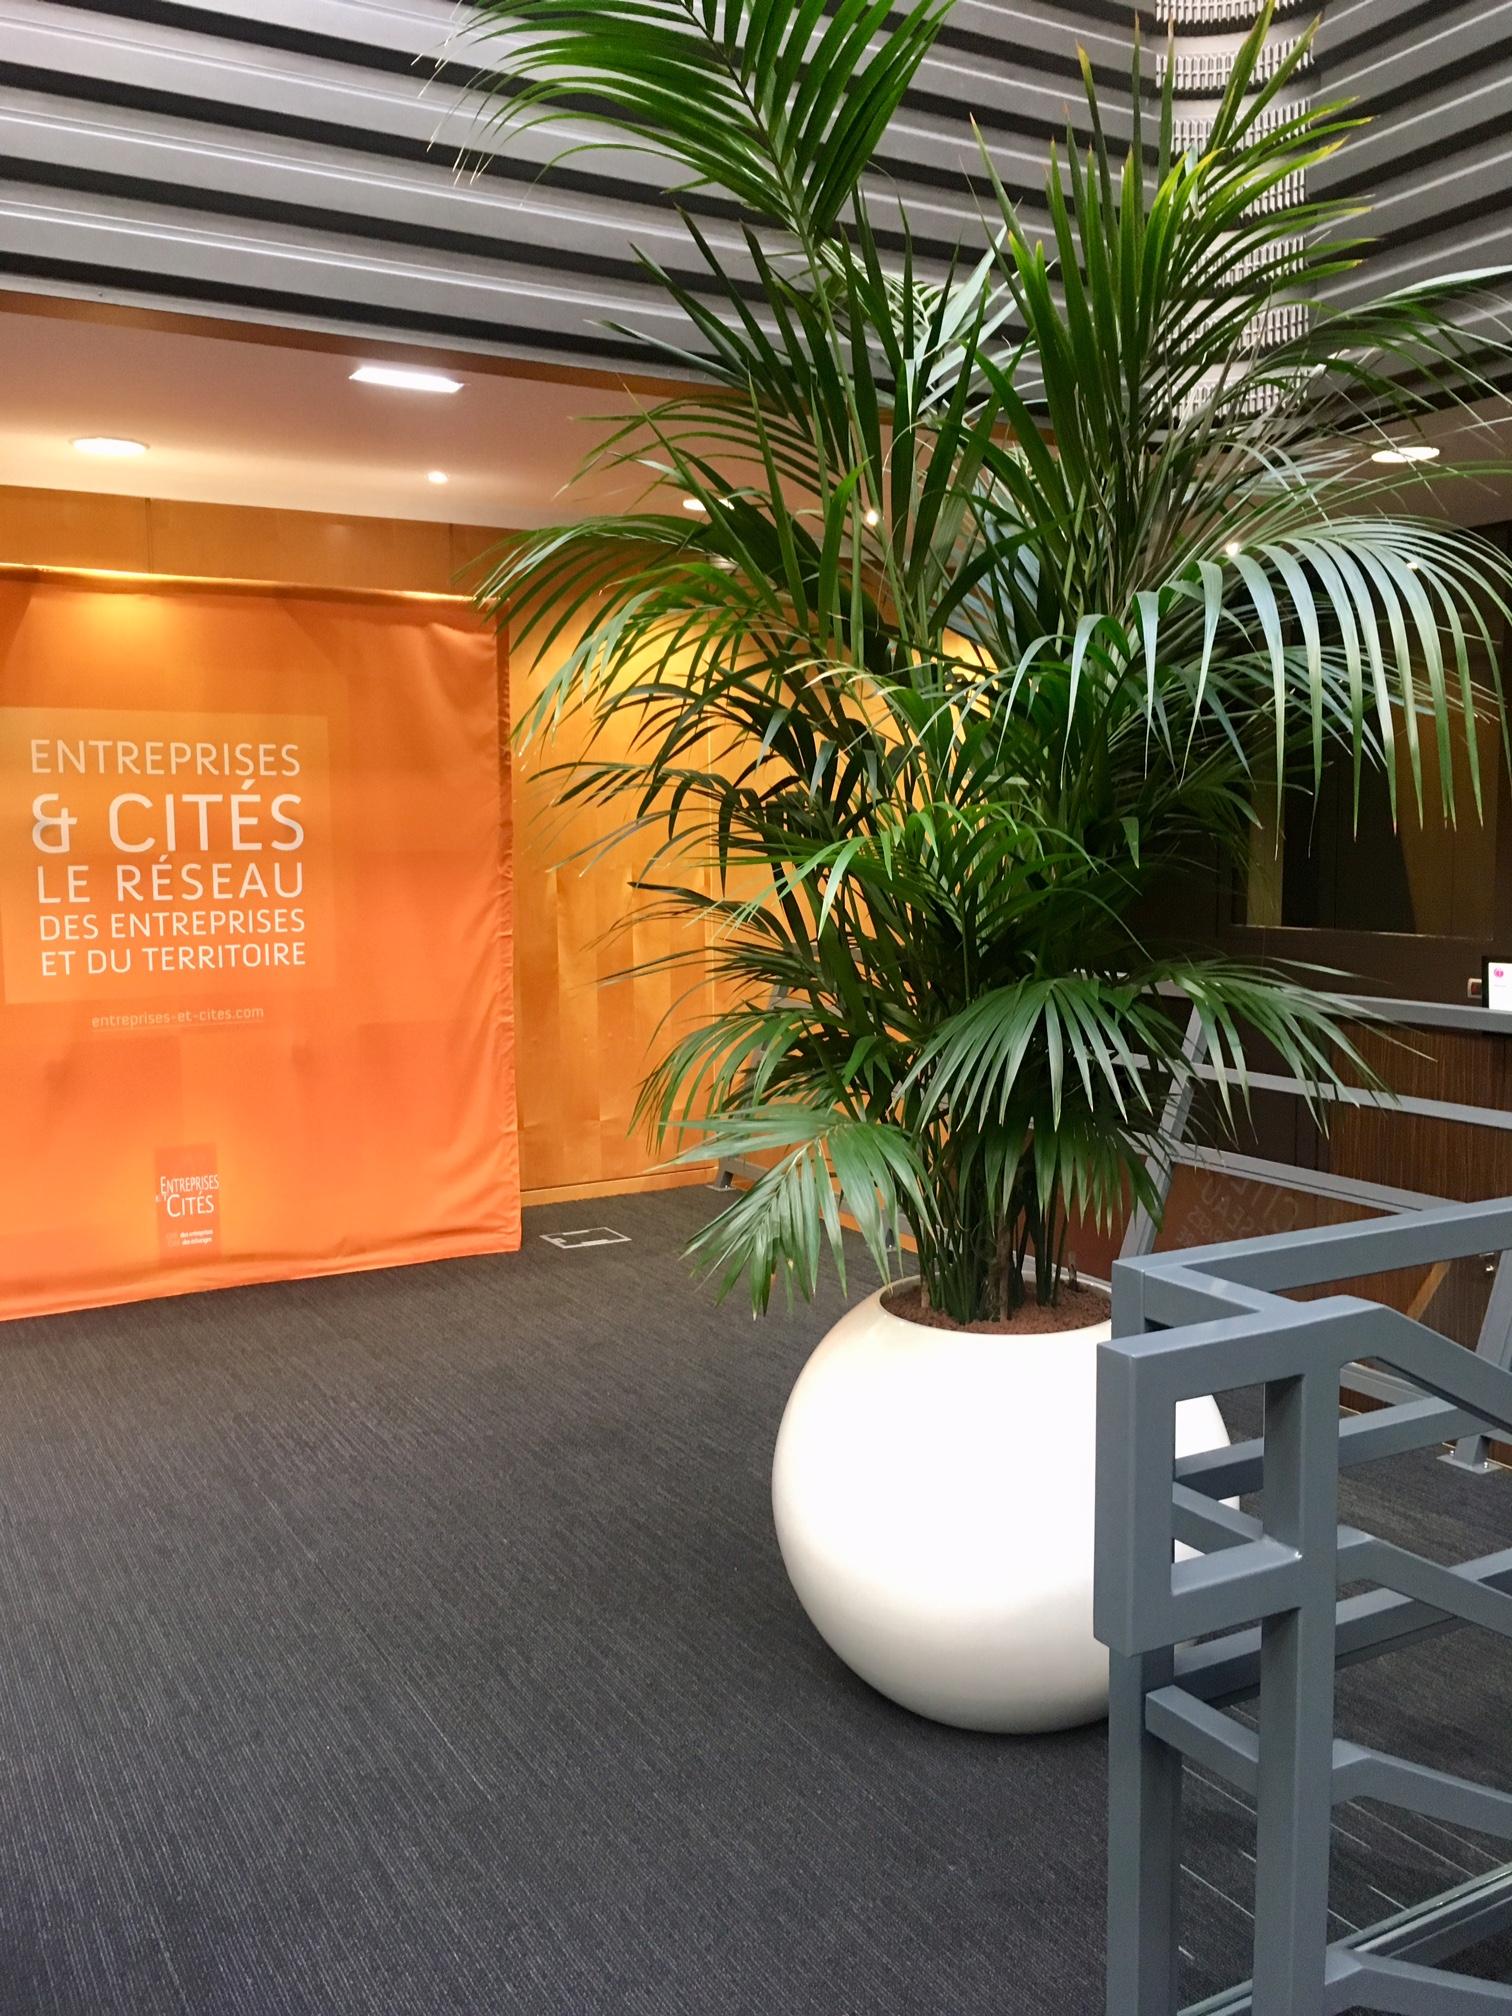 location de plantes pour la cit nature v g tale. Black Bedroom Furniture Sets. Home Design Ideas